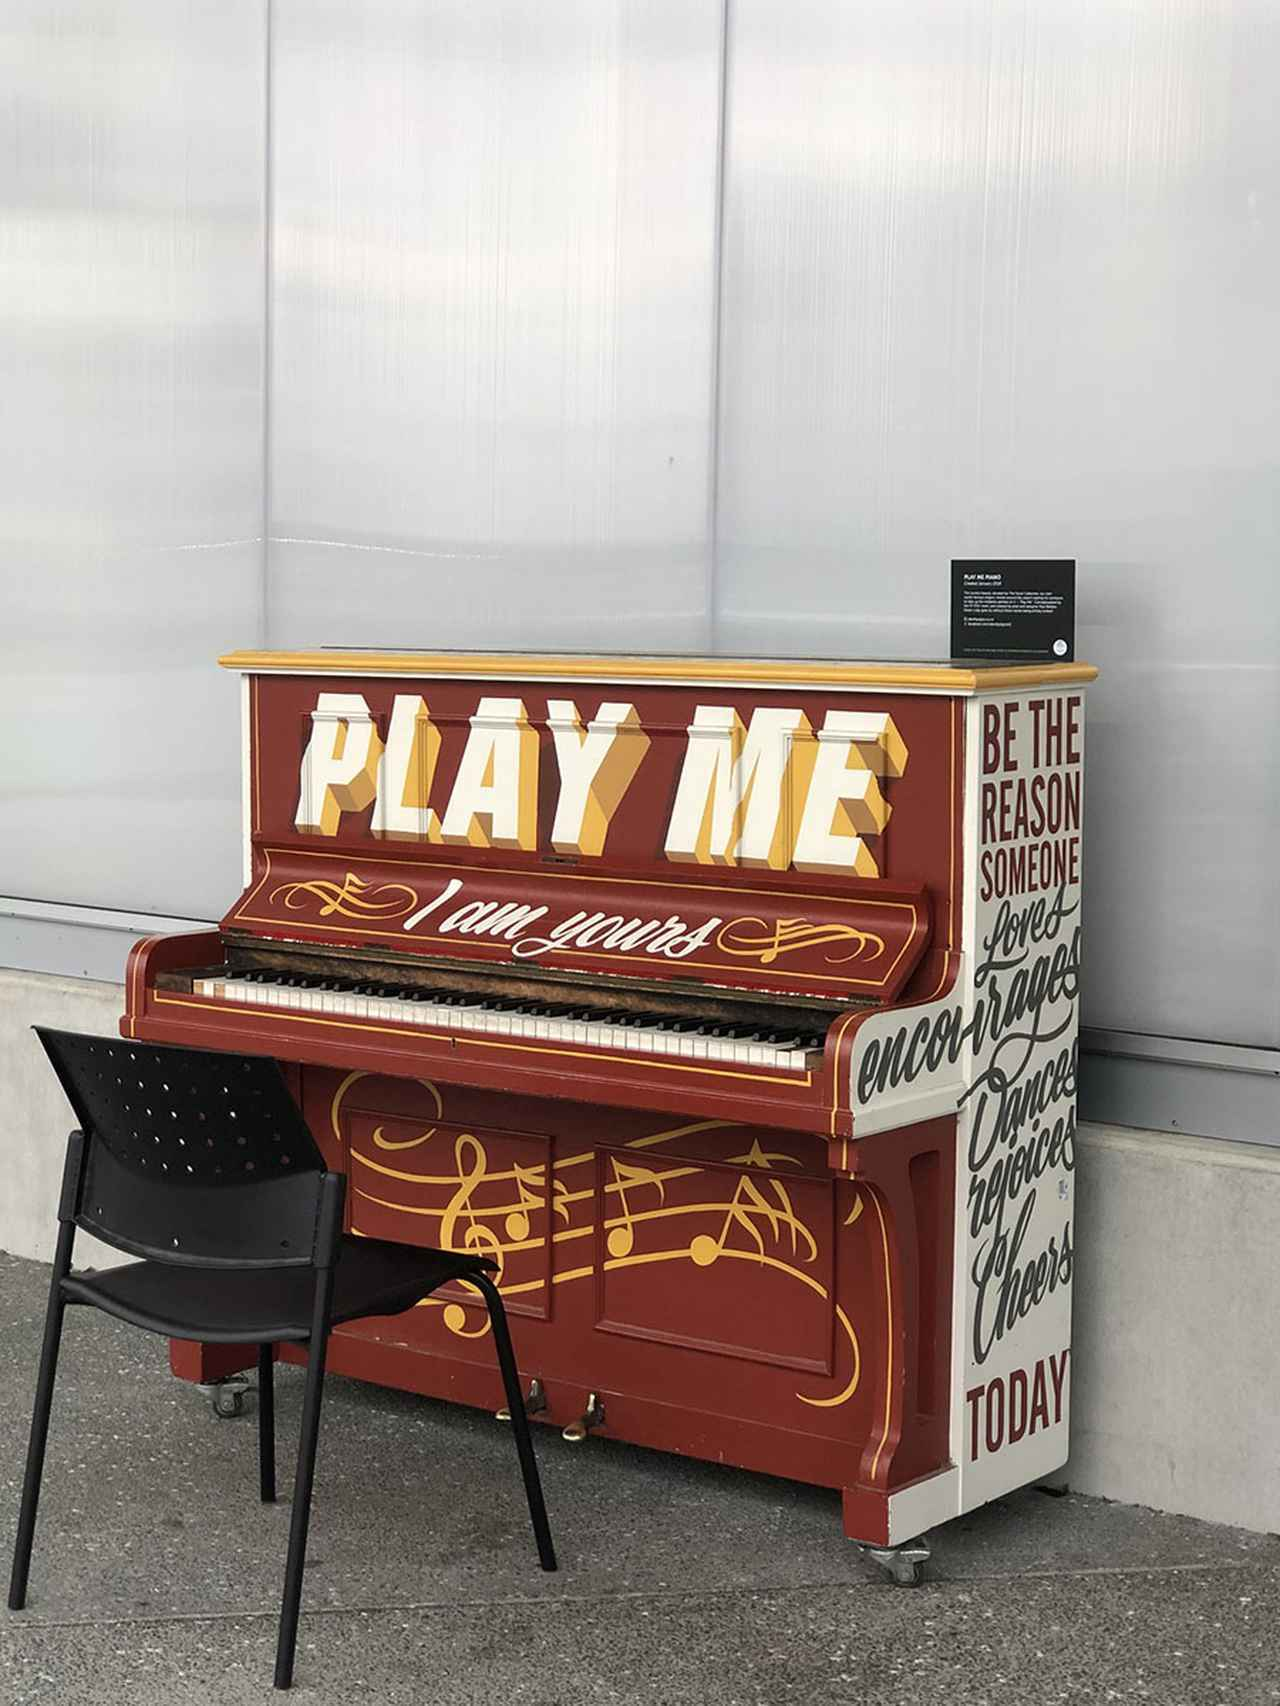 画像: ニュージーランドでは、高さが150cmぐらいの小さなアップライト・ピアノを何度も見かけた。めちゃくちゃ古そうなやつも、安価で売っていた。持ちかえるには大きすぎだ。僕もこんなサイズのピアノが欲しい。